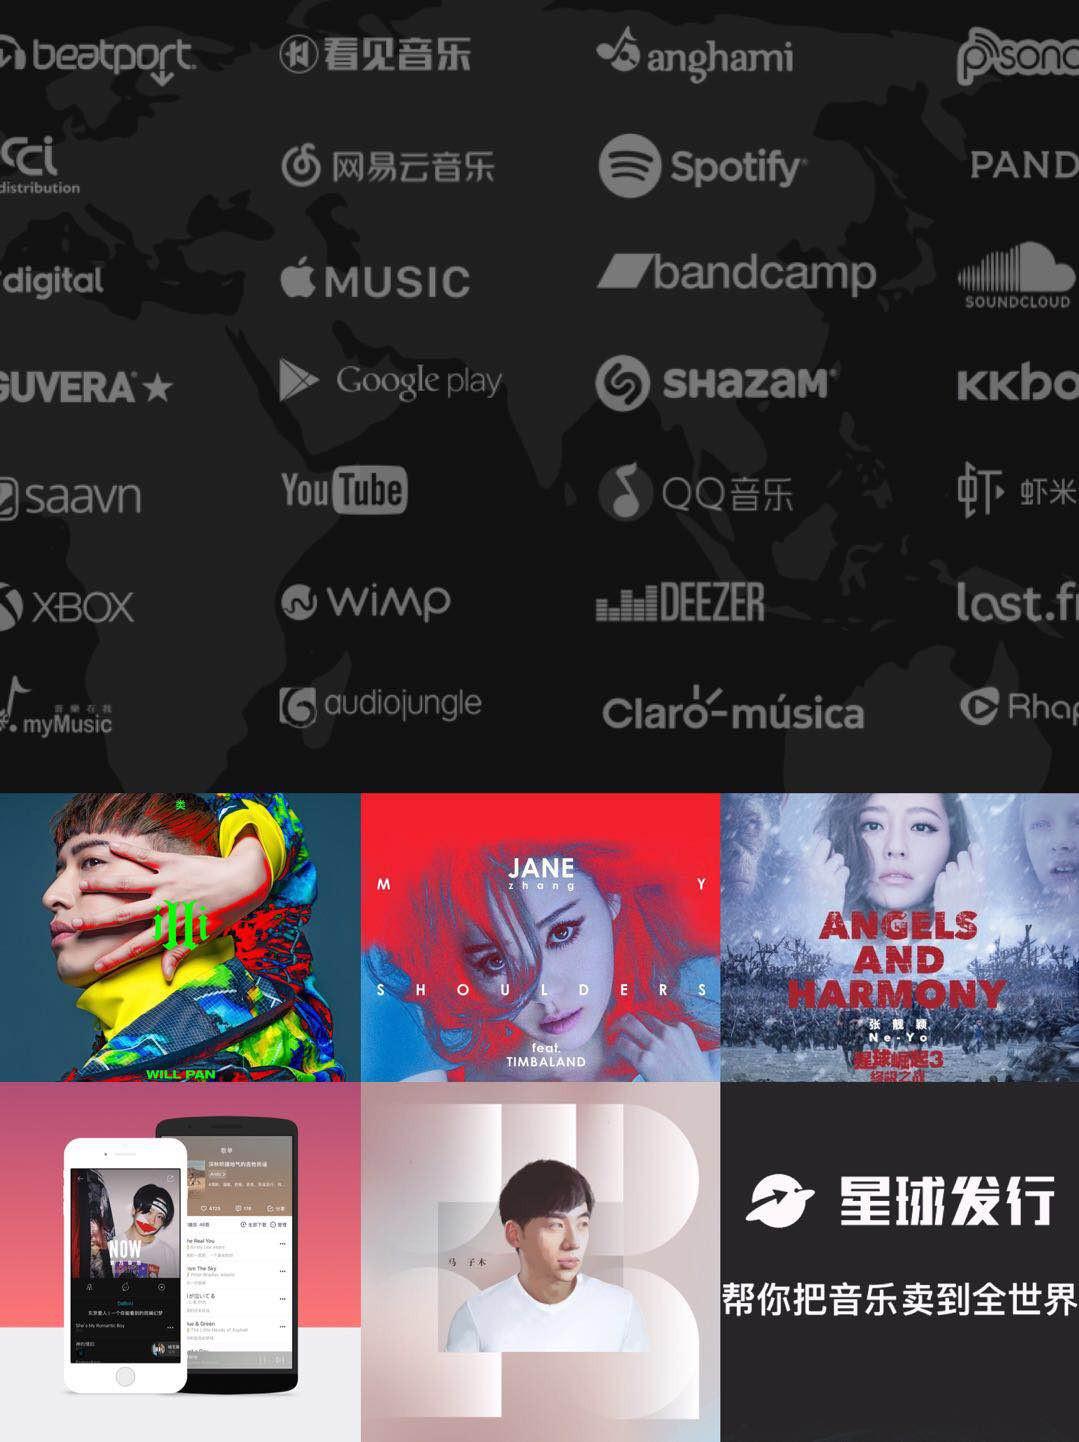 """借力互联网音乐平台,让世界听到""""中国独立乐"""""""